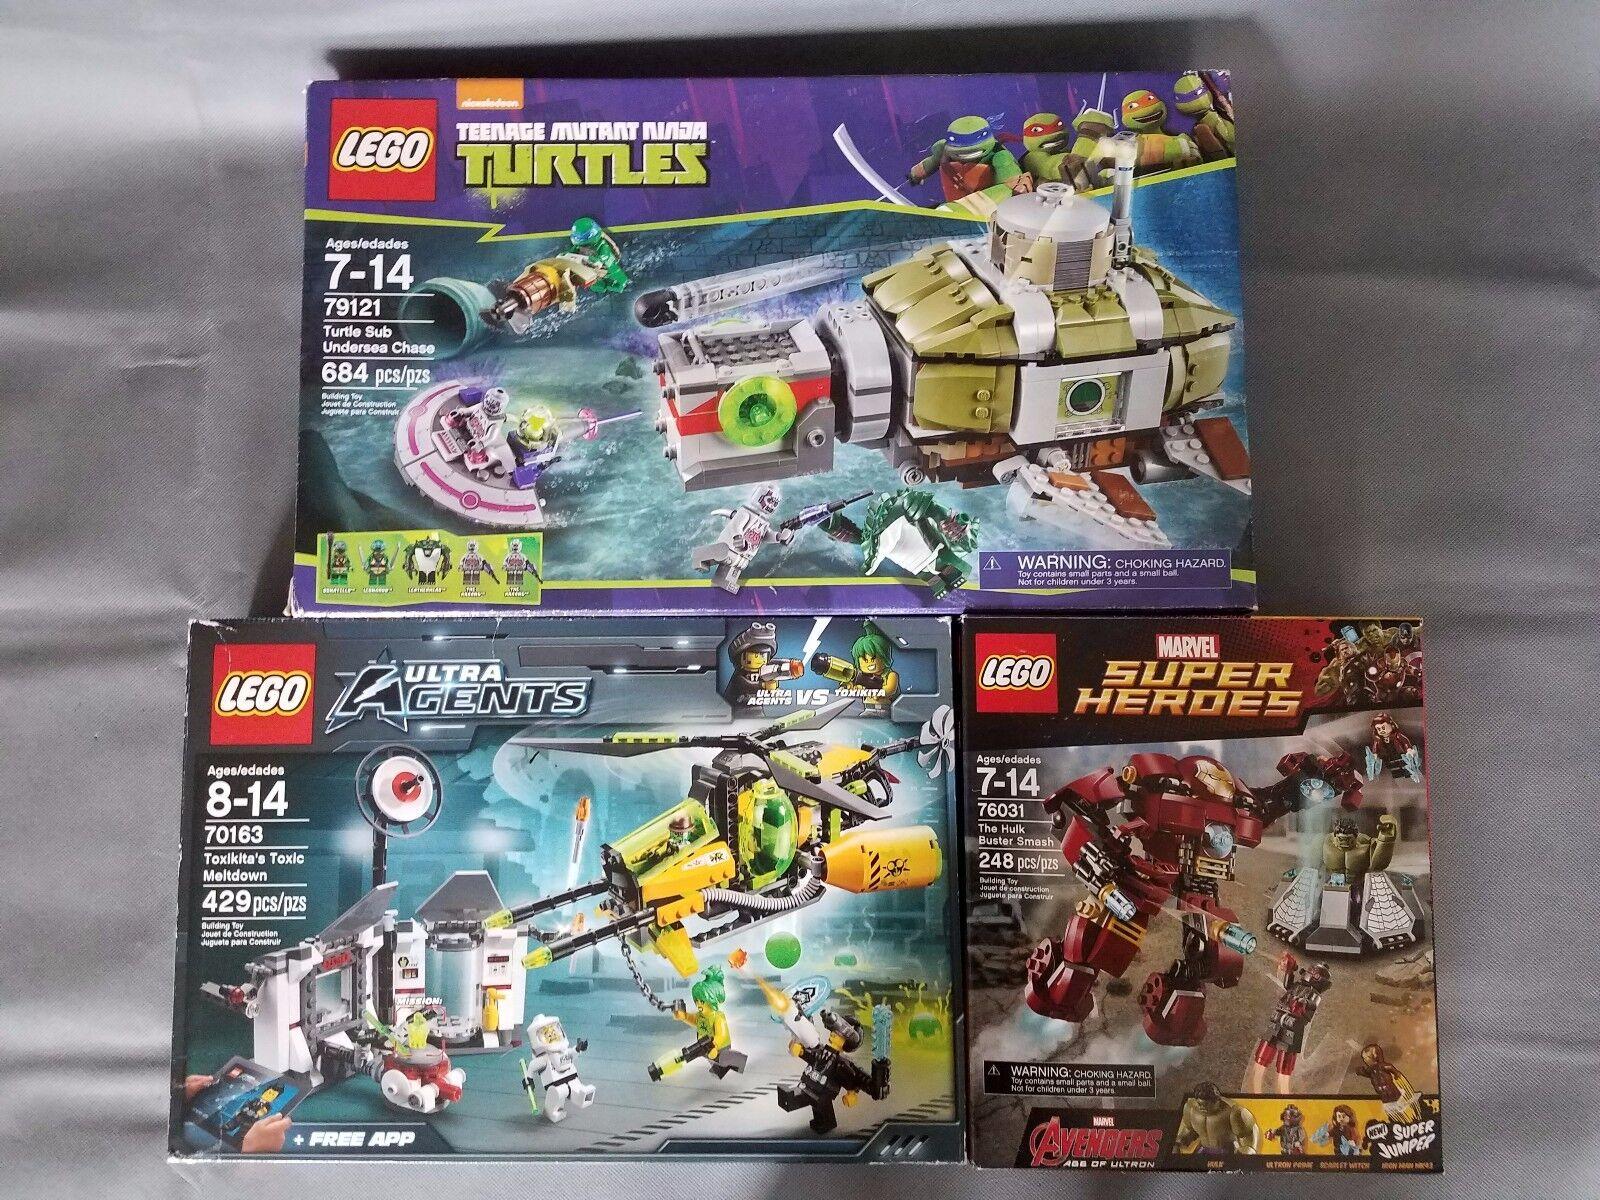 LEGO Lot  3 sets 76031, 79121, 70163  il più economico